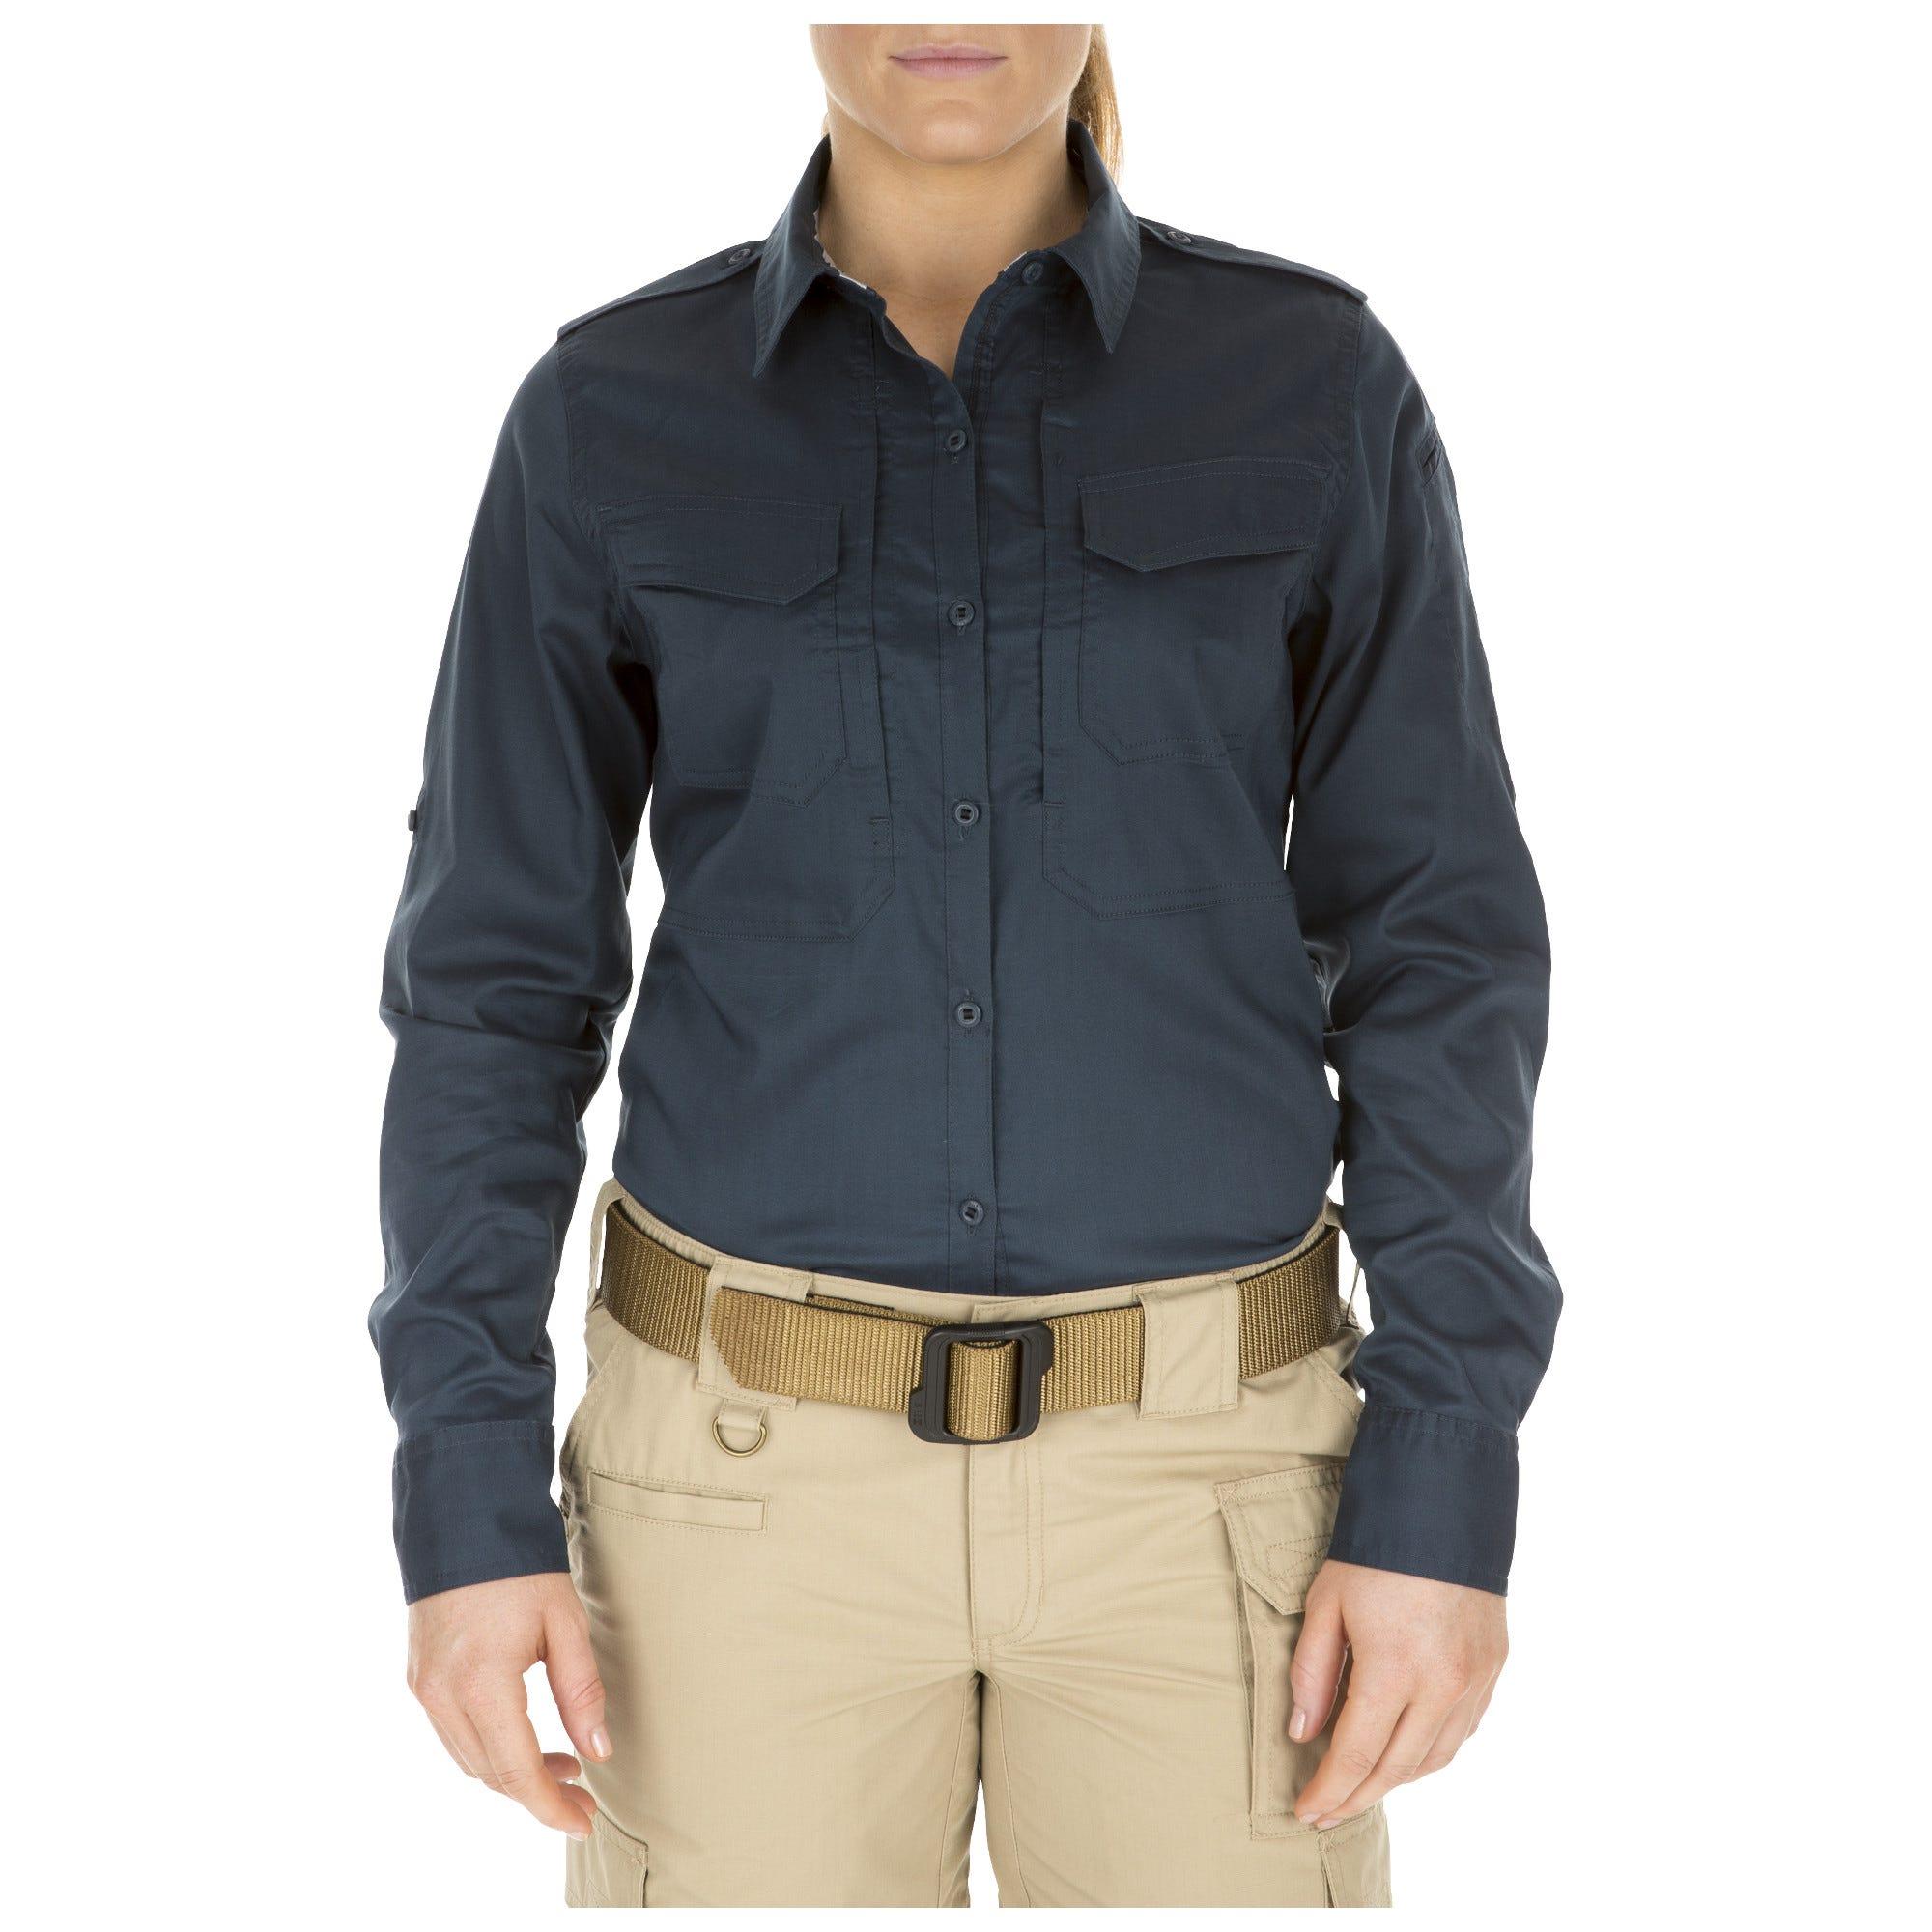 5.11 Tactical Women Women's Spitfire Shooting Shirt (Blue)